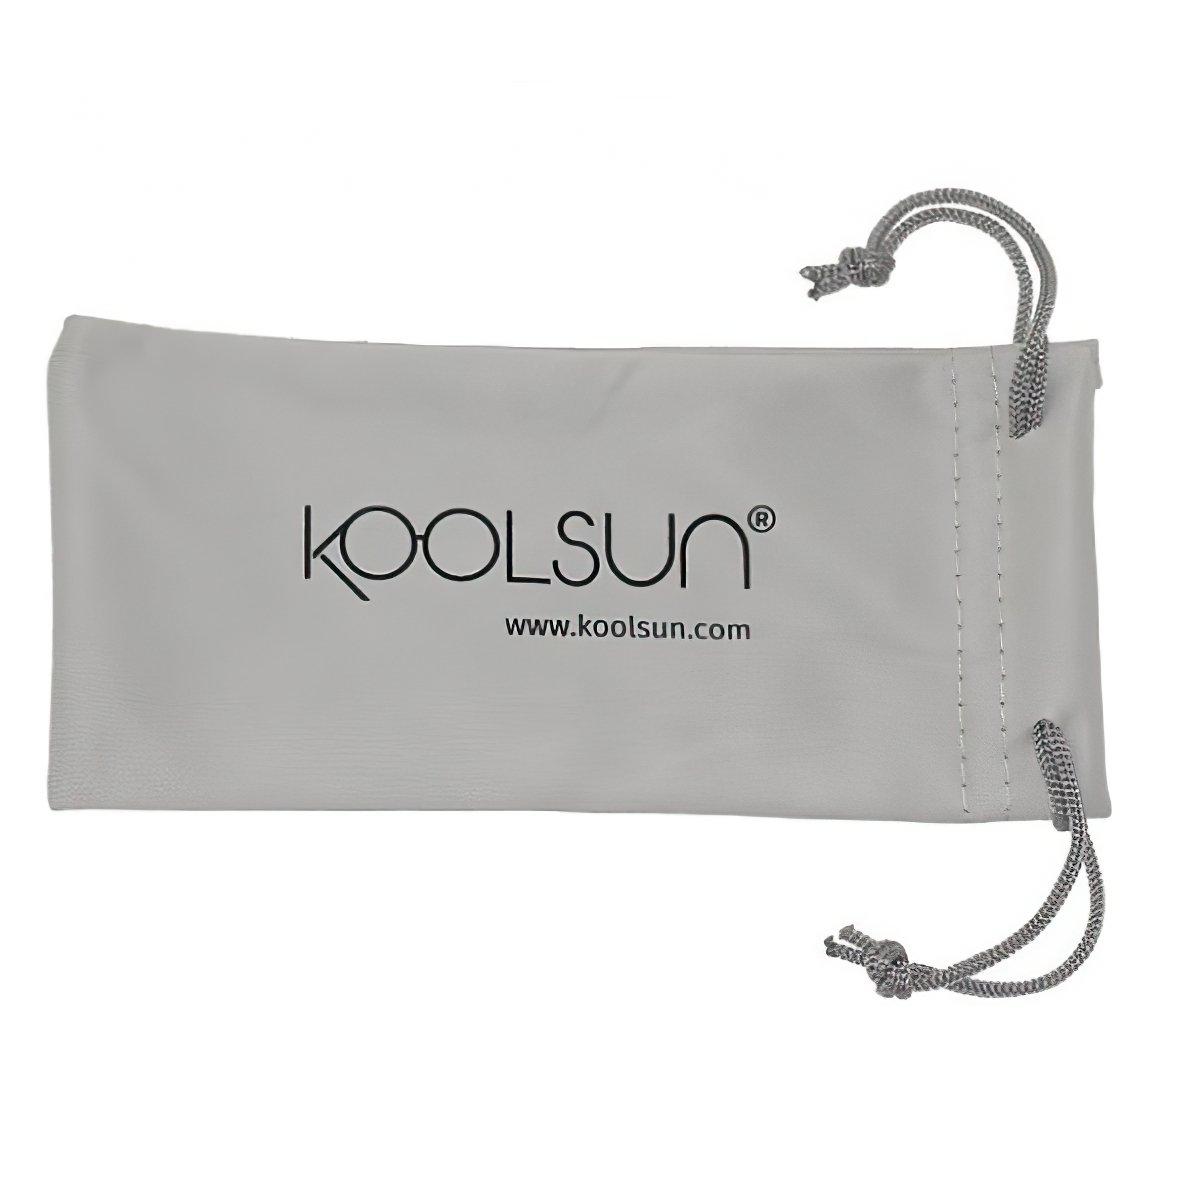 Детские солнцезащитные очки Koolsun Wawe неоново-голубые (Размер 3+) (KS-WANB003) фото 3